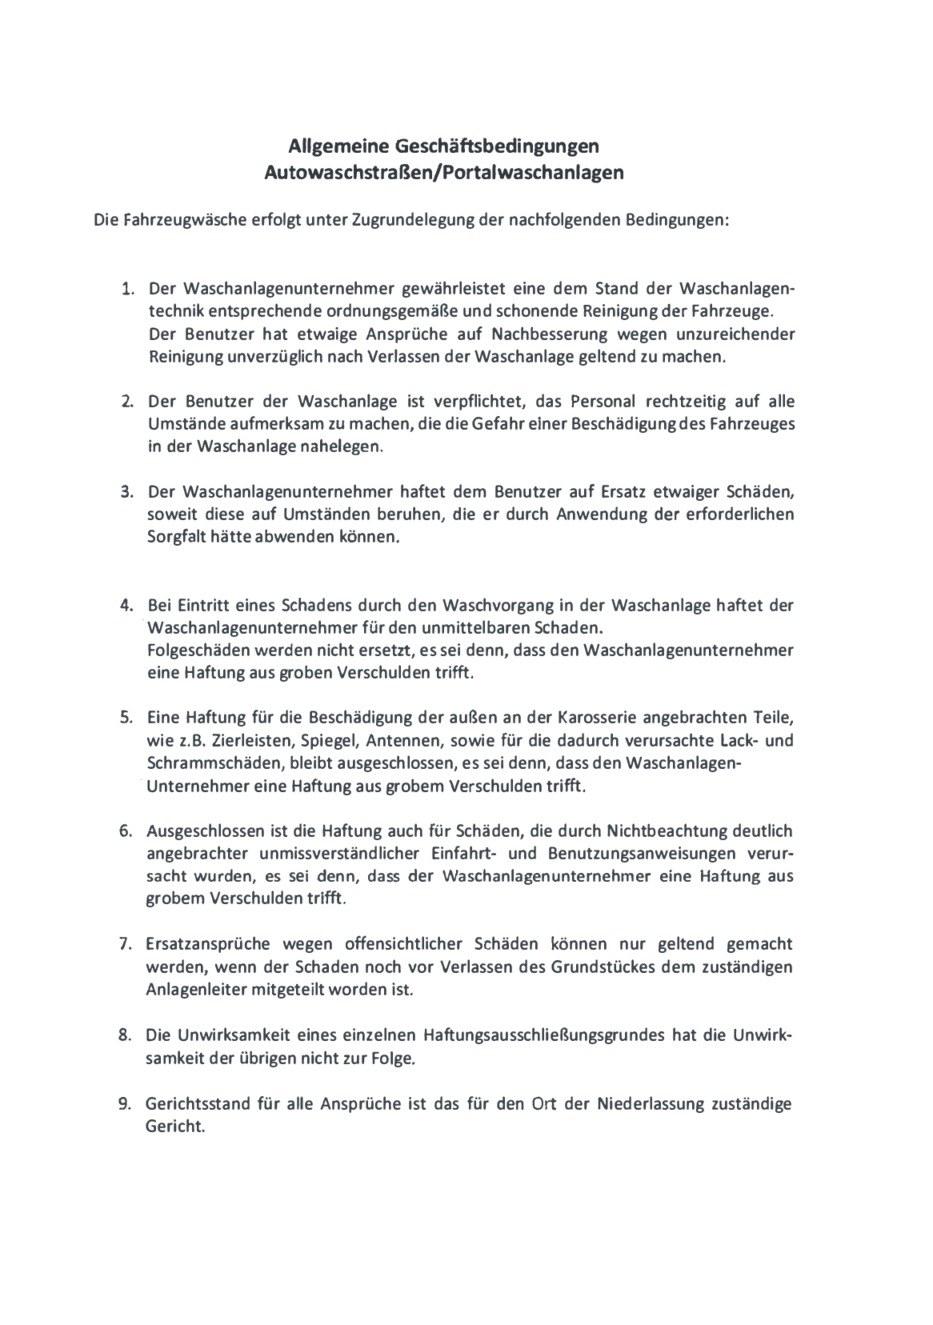 AGB Autowaschstraßen/Portalwaschanlagen